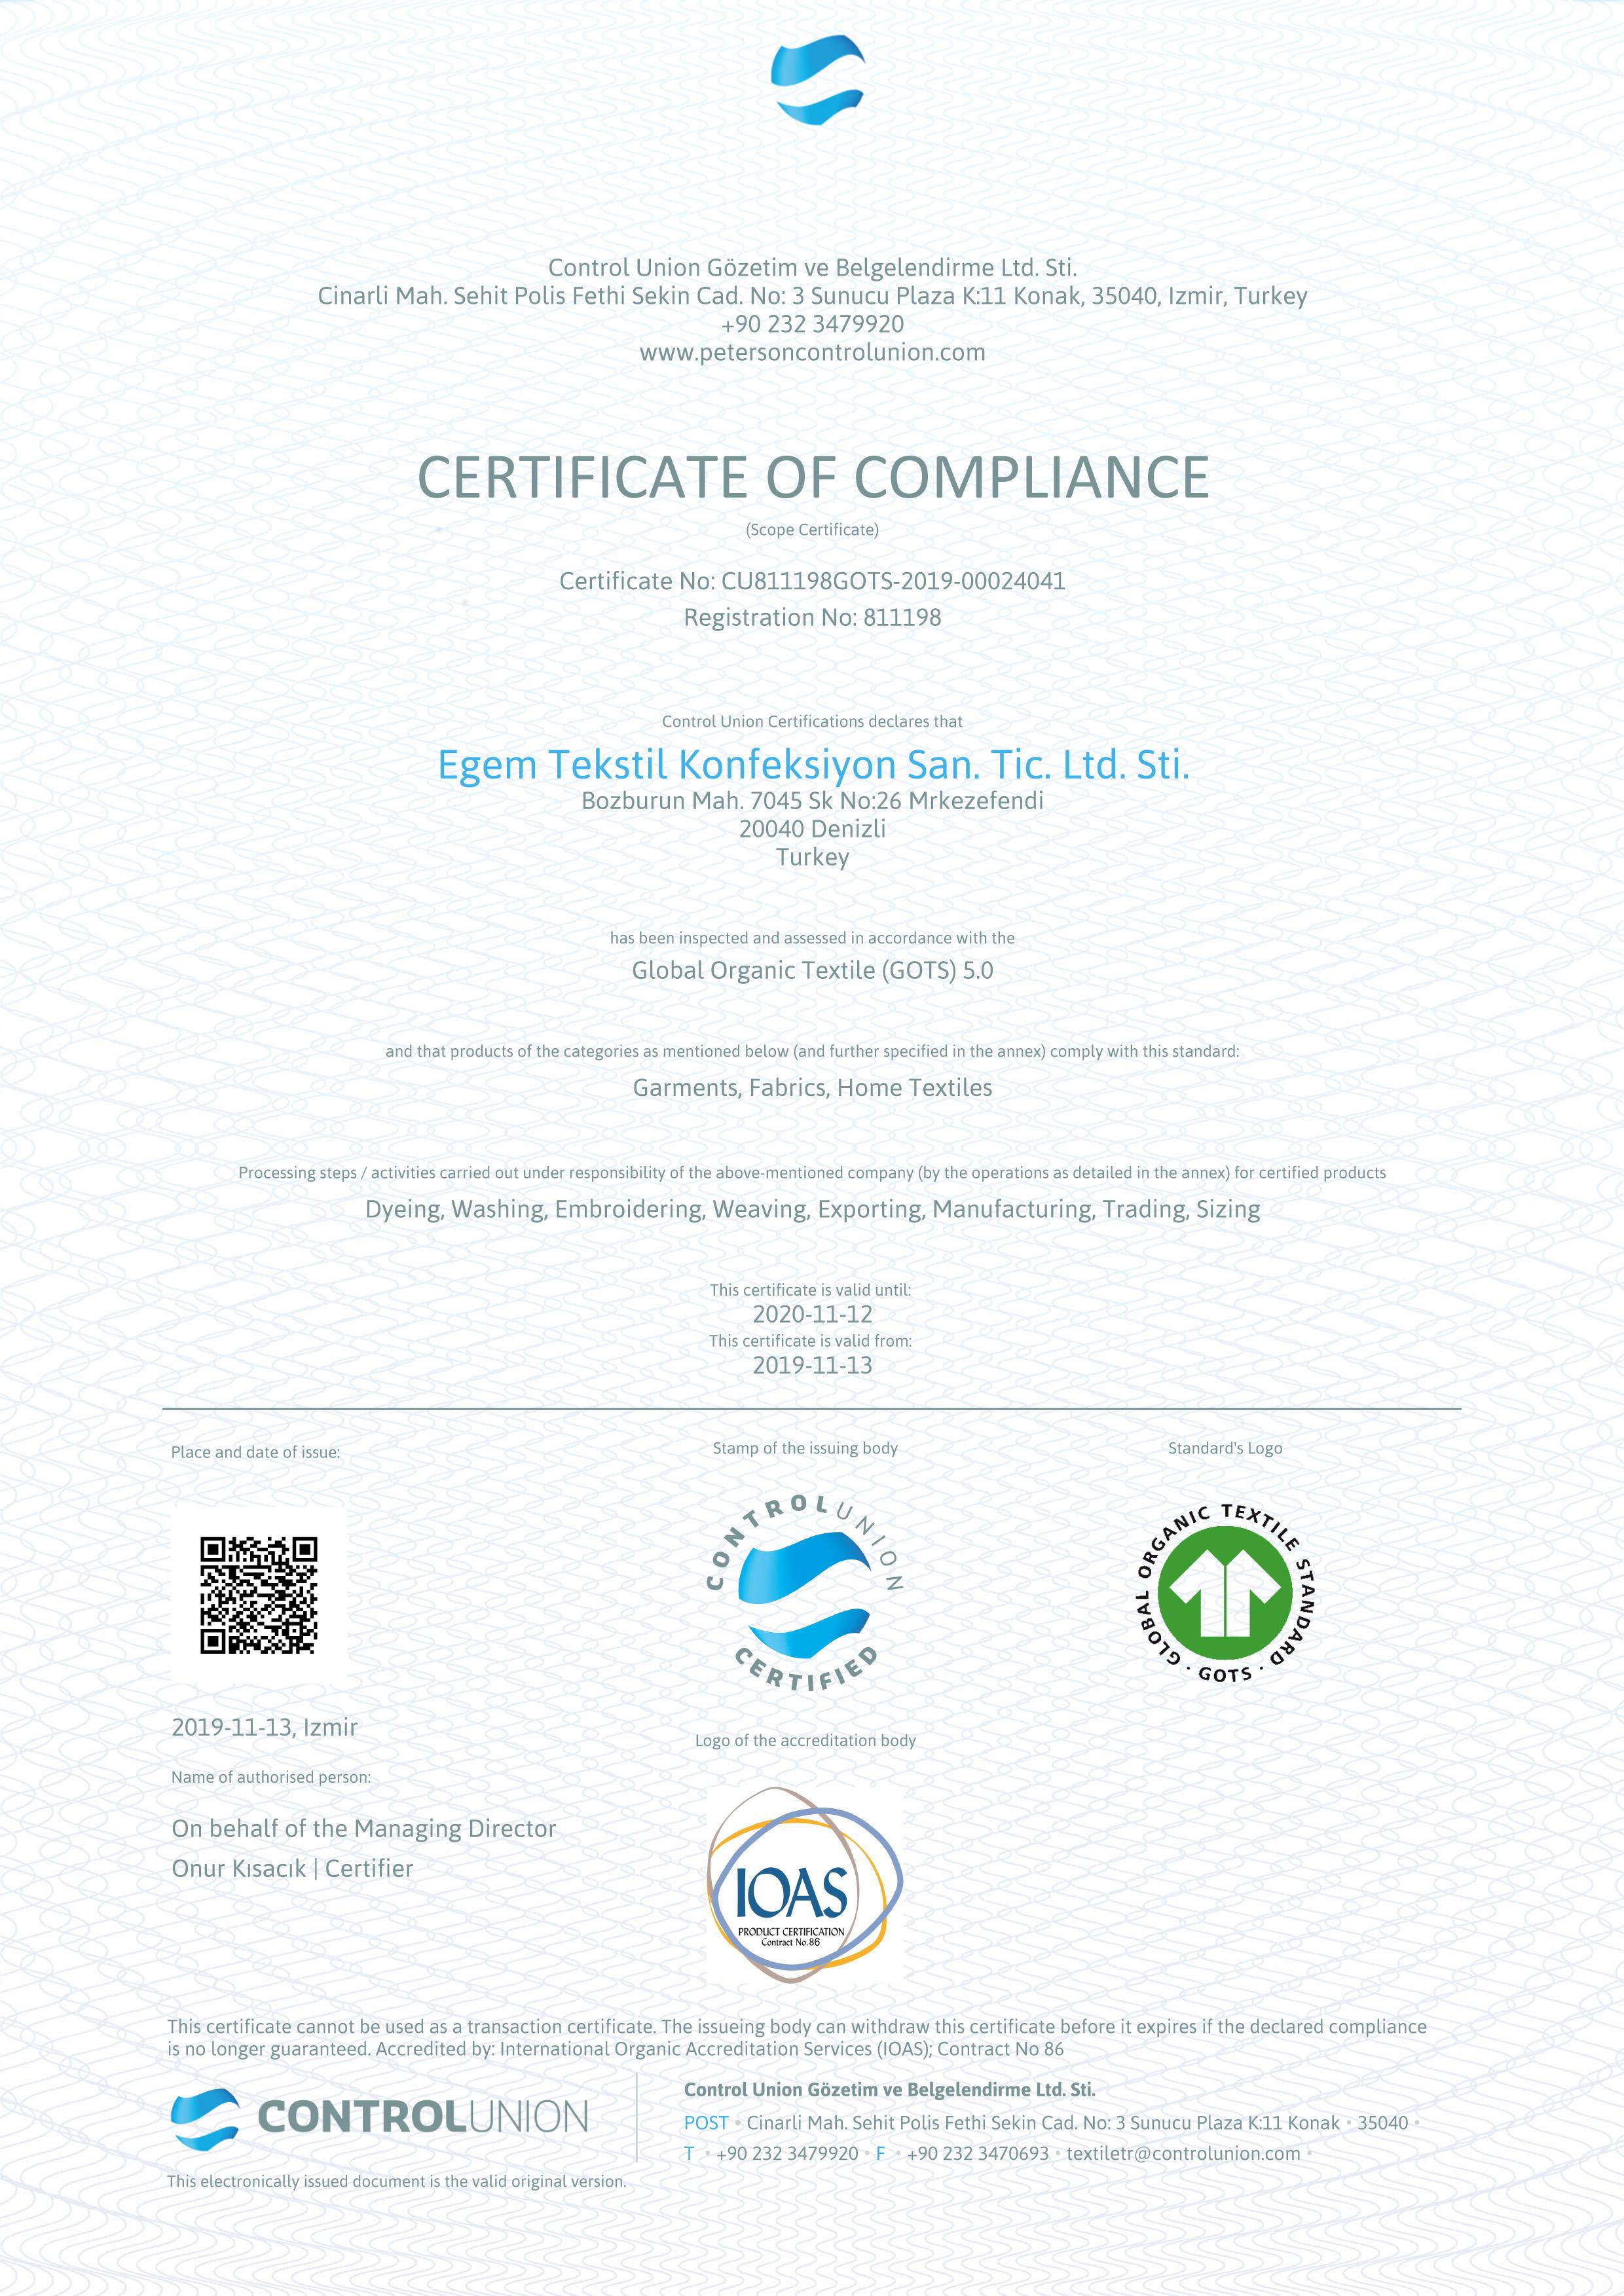 GOTS_Scope_Certificate_2019-11-13 14_12_54 UTC